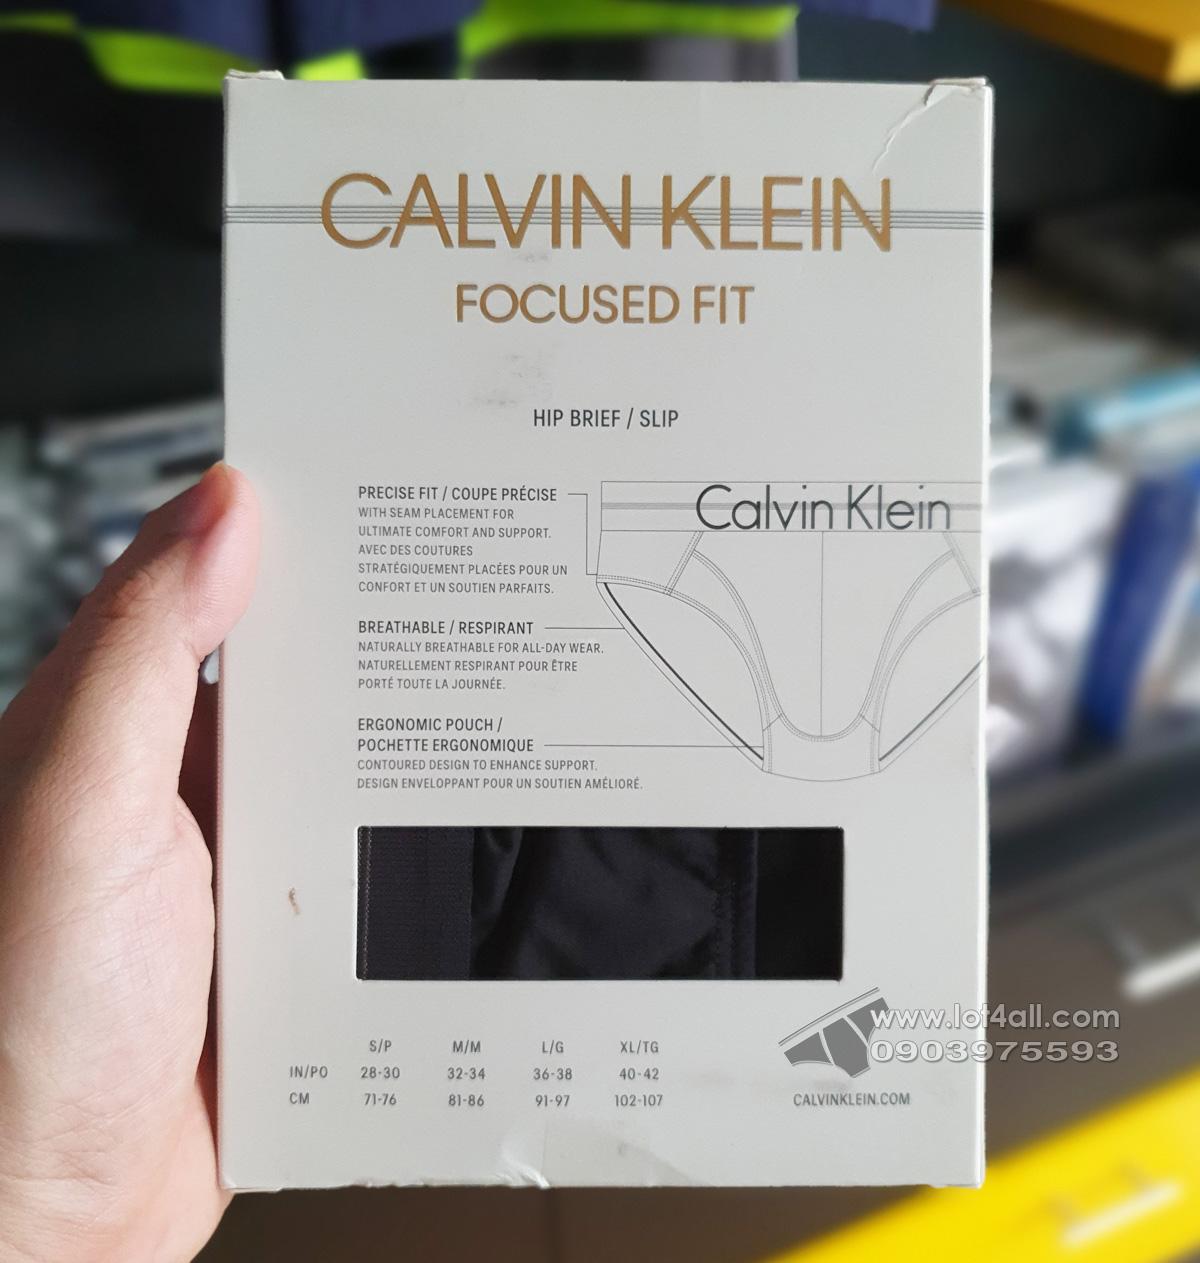 Quần lót nam Calvin Klein NB1485 Focused Fit Micro Hip Brief Black